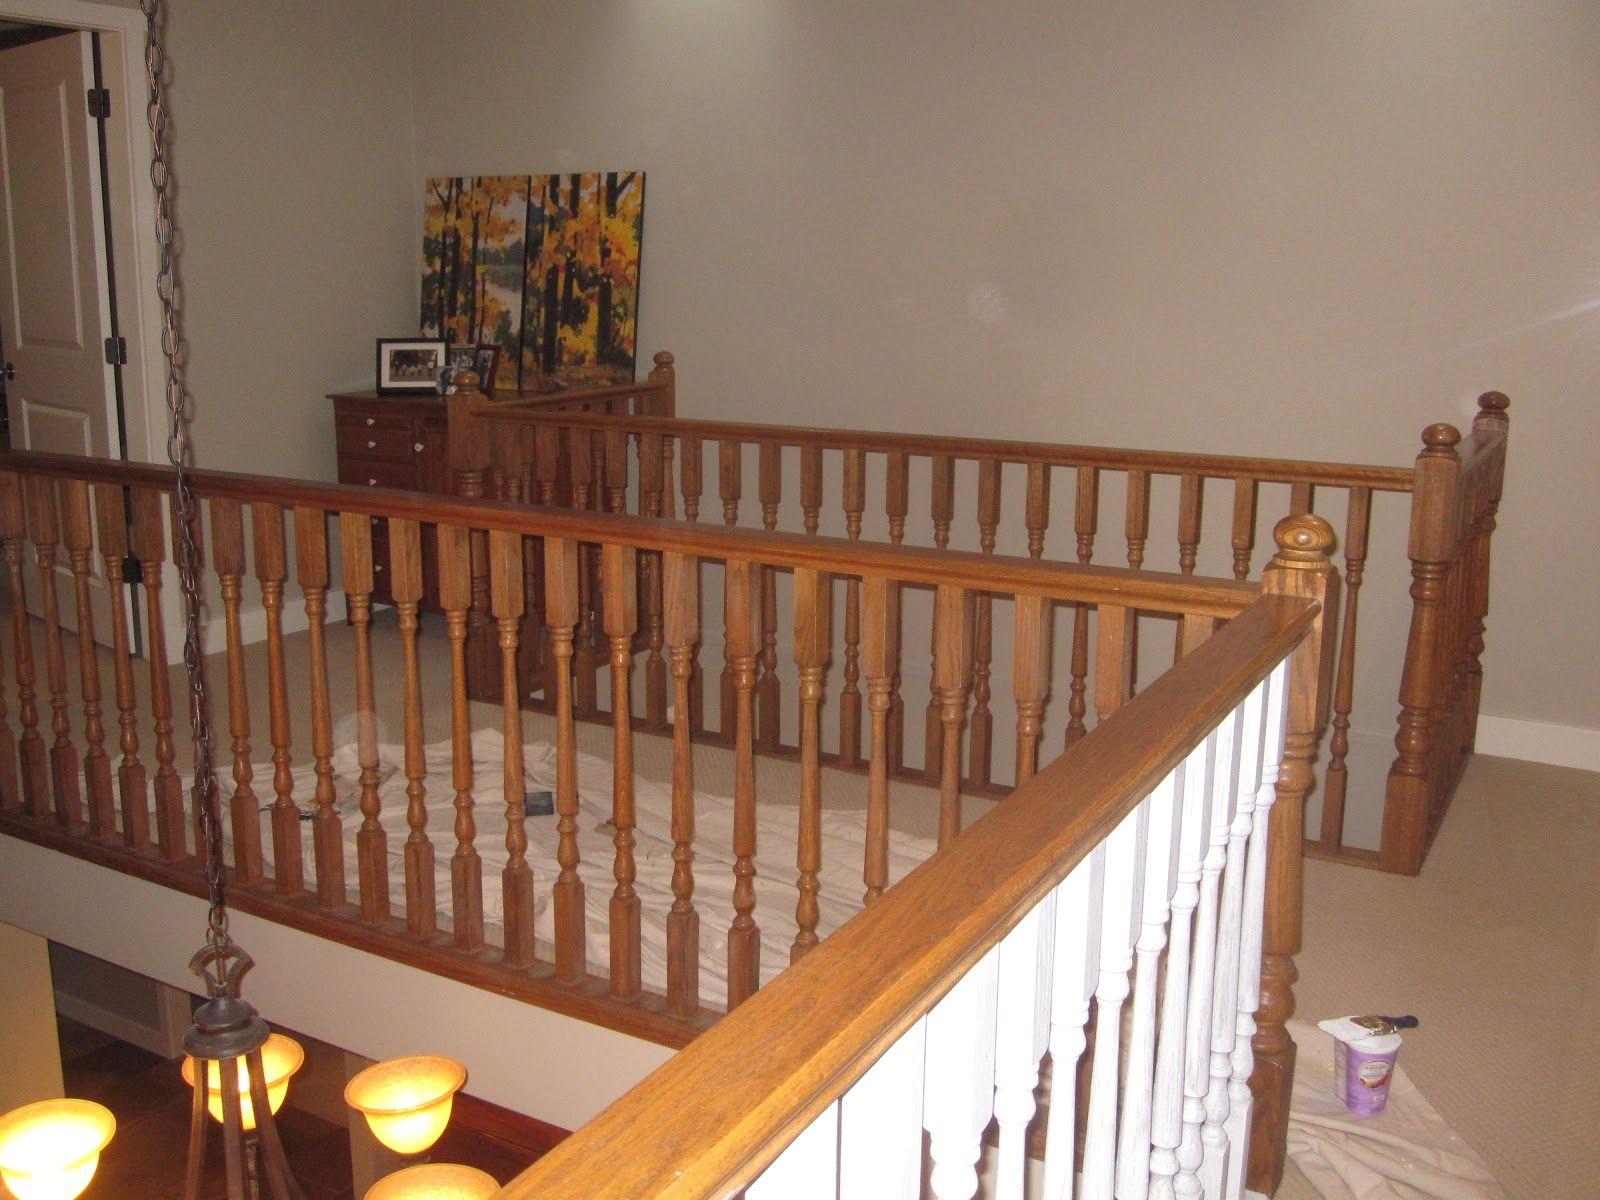 Best 25 Painted Stair Railings Ideas On Pinterest Stair 400 x 300